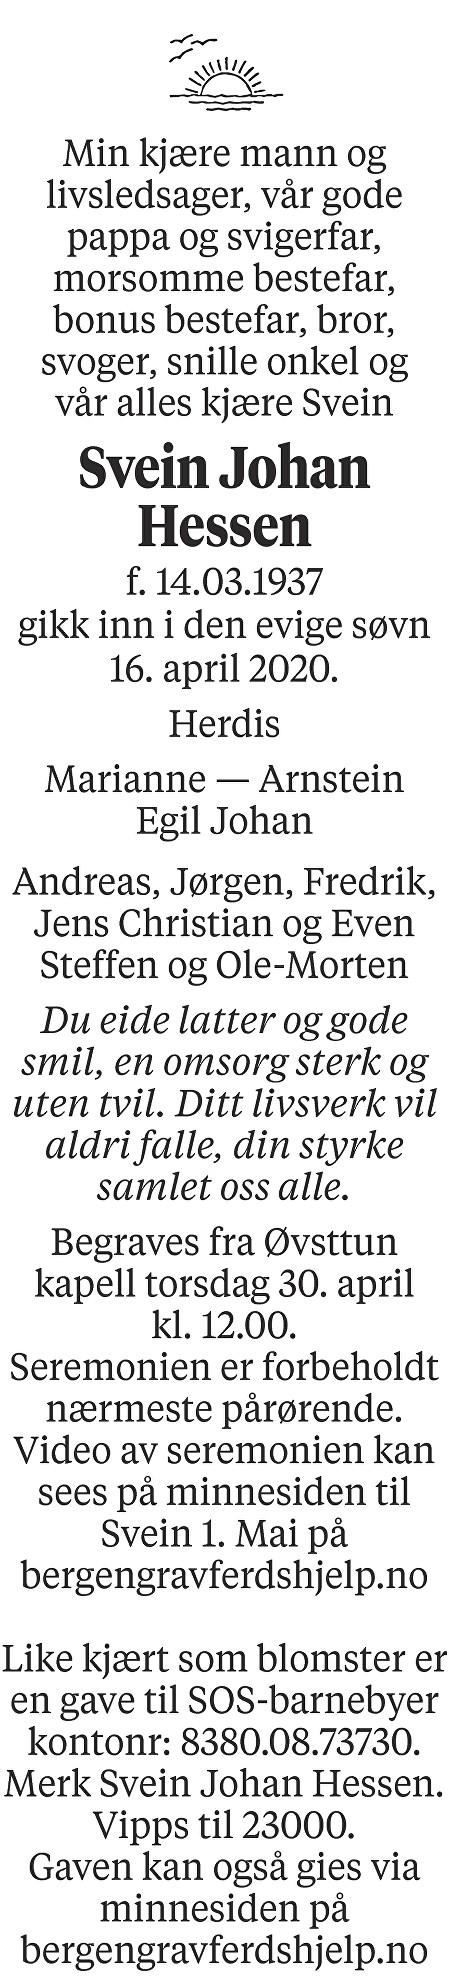 Svein Johan  Hessen Dødsannonse